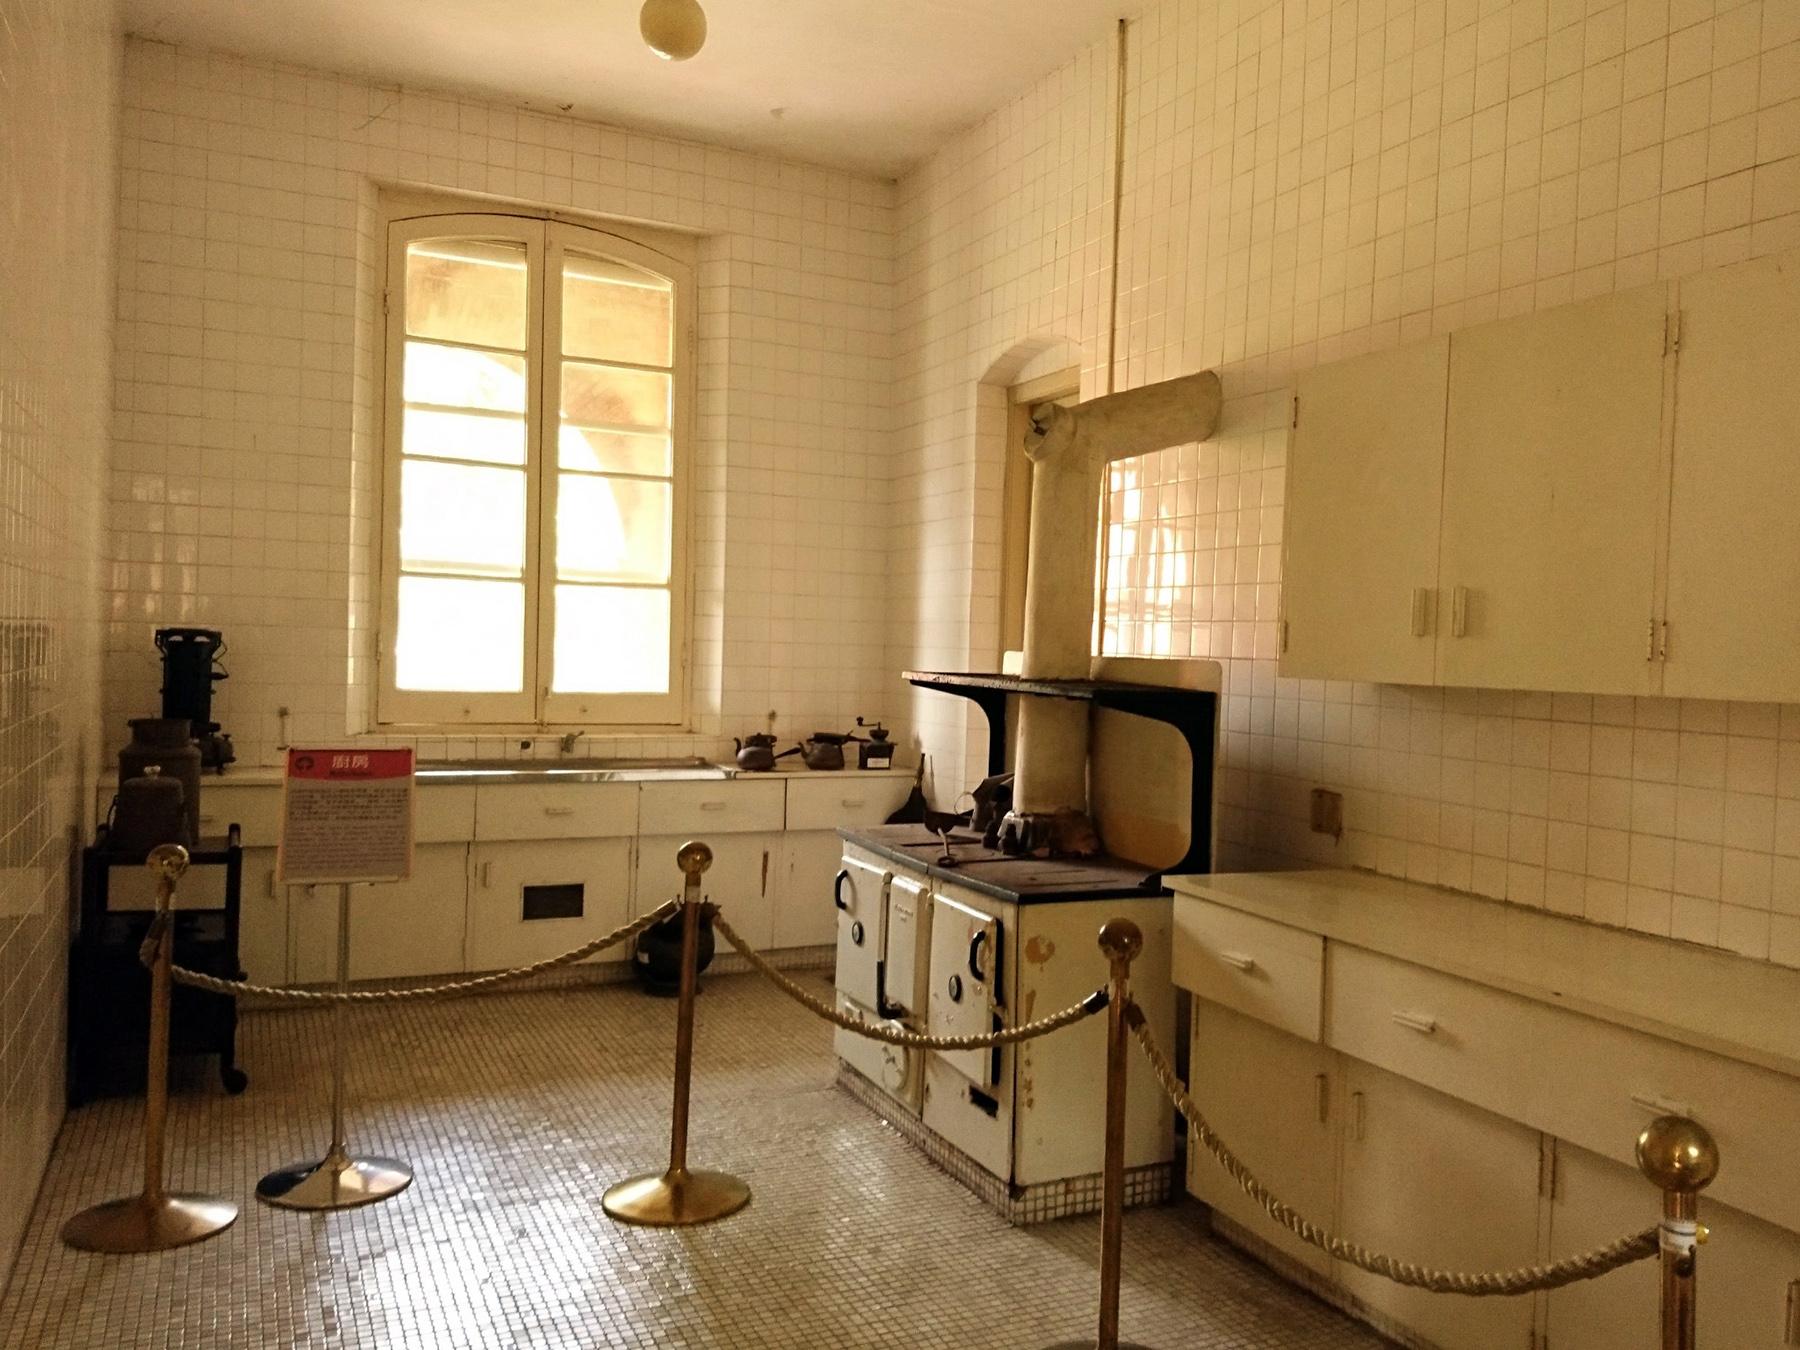 英國領事館最後一任秘書長蔡益彰先生女兒蔡丹暉女士憶及領事館廚房擁有全臺罕見的冰箱。